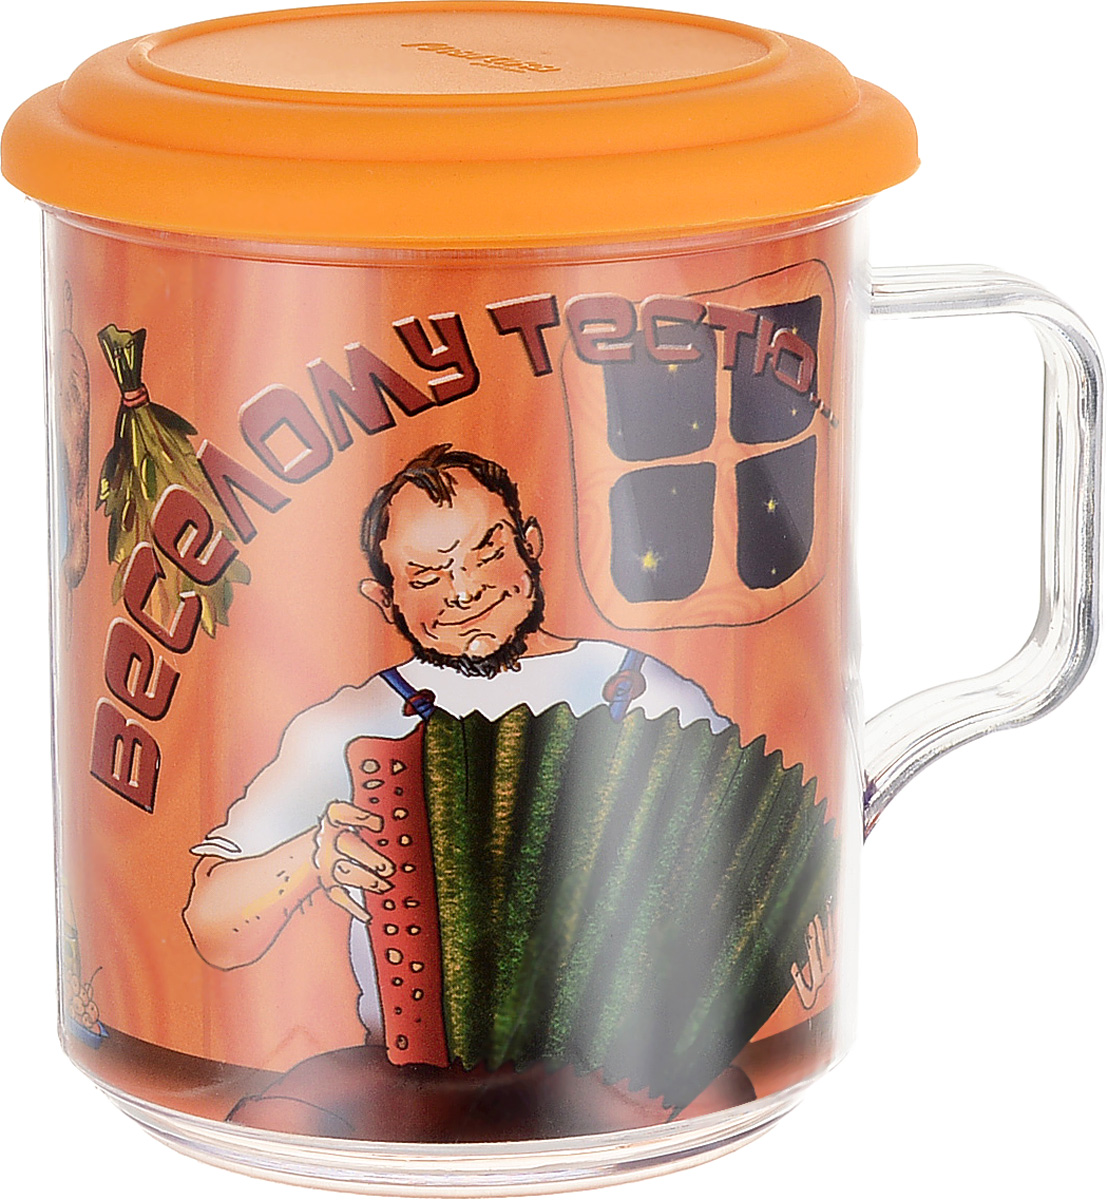 Термокружка Мартика Родня. Бабушке, цвет: зеленый, оранжевый, с крышкой, 400 мл термокружка с крышкой 360 мл